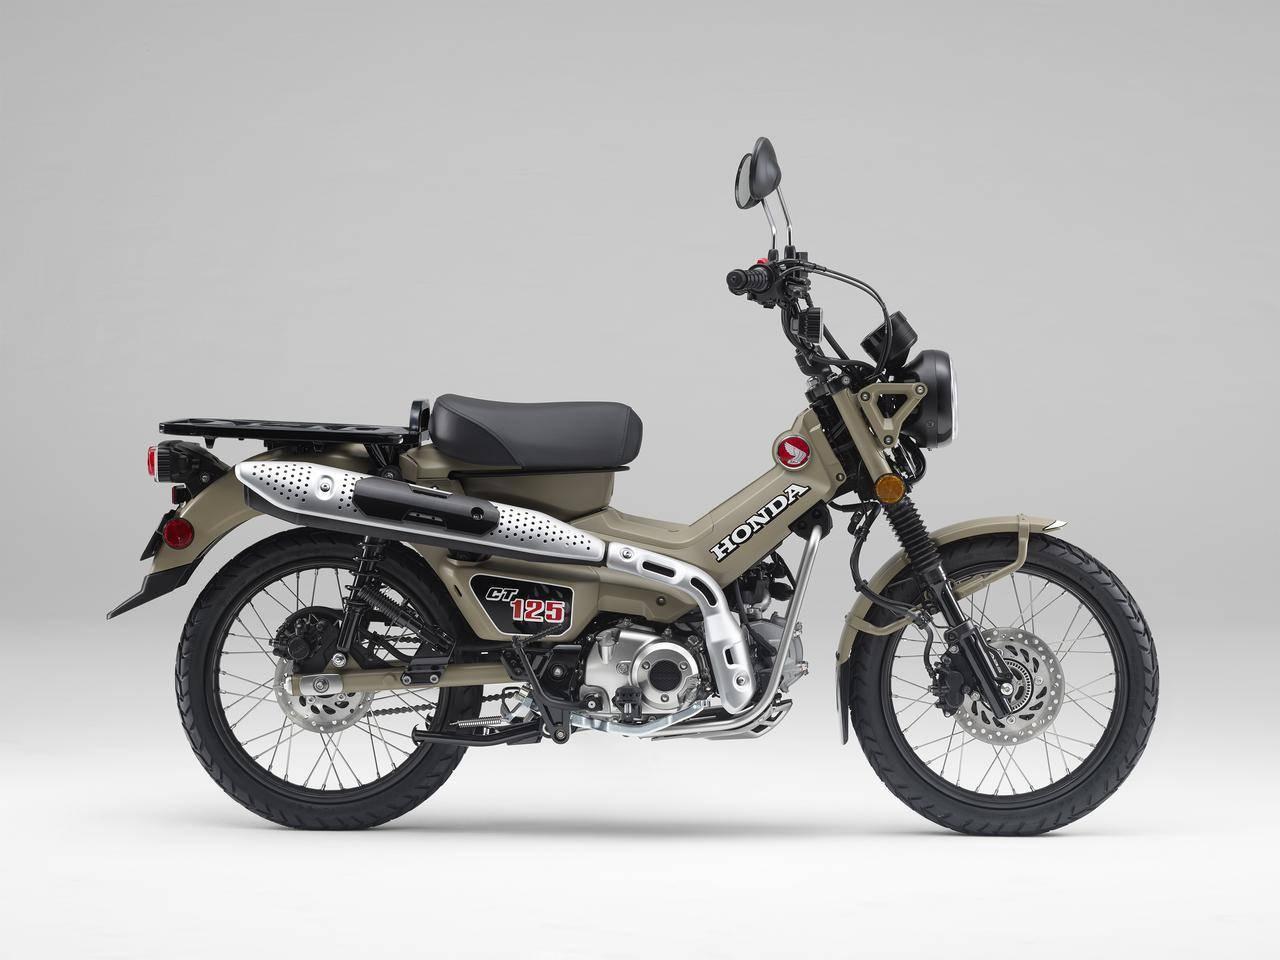 Honda ct125 2020 huntercub 1 grey